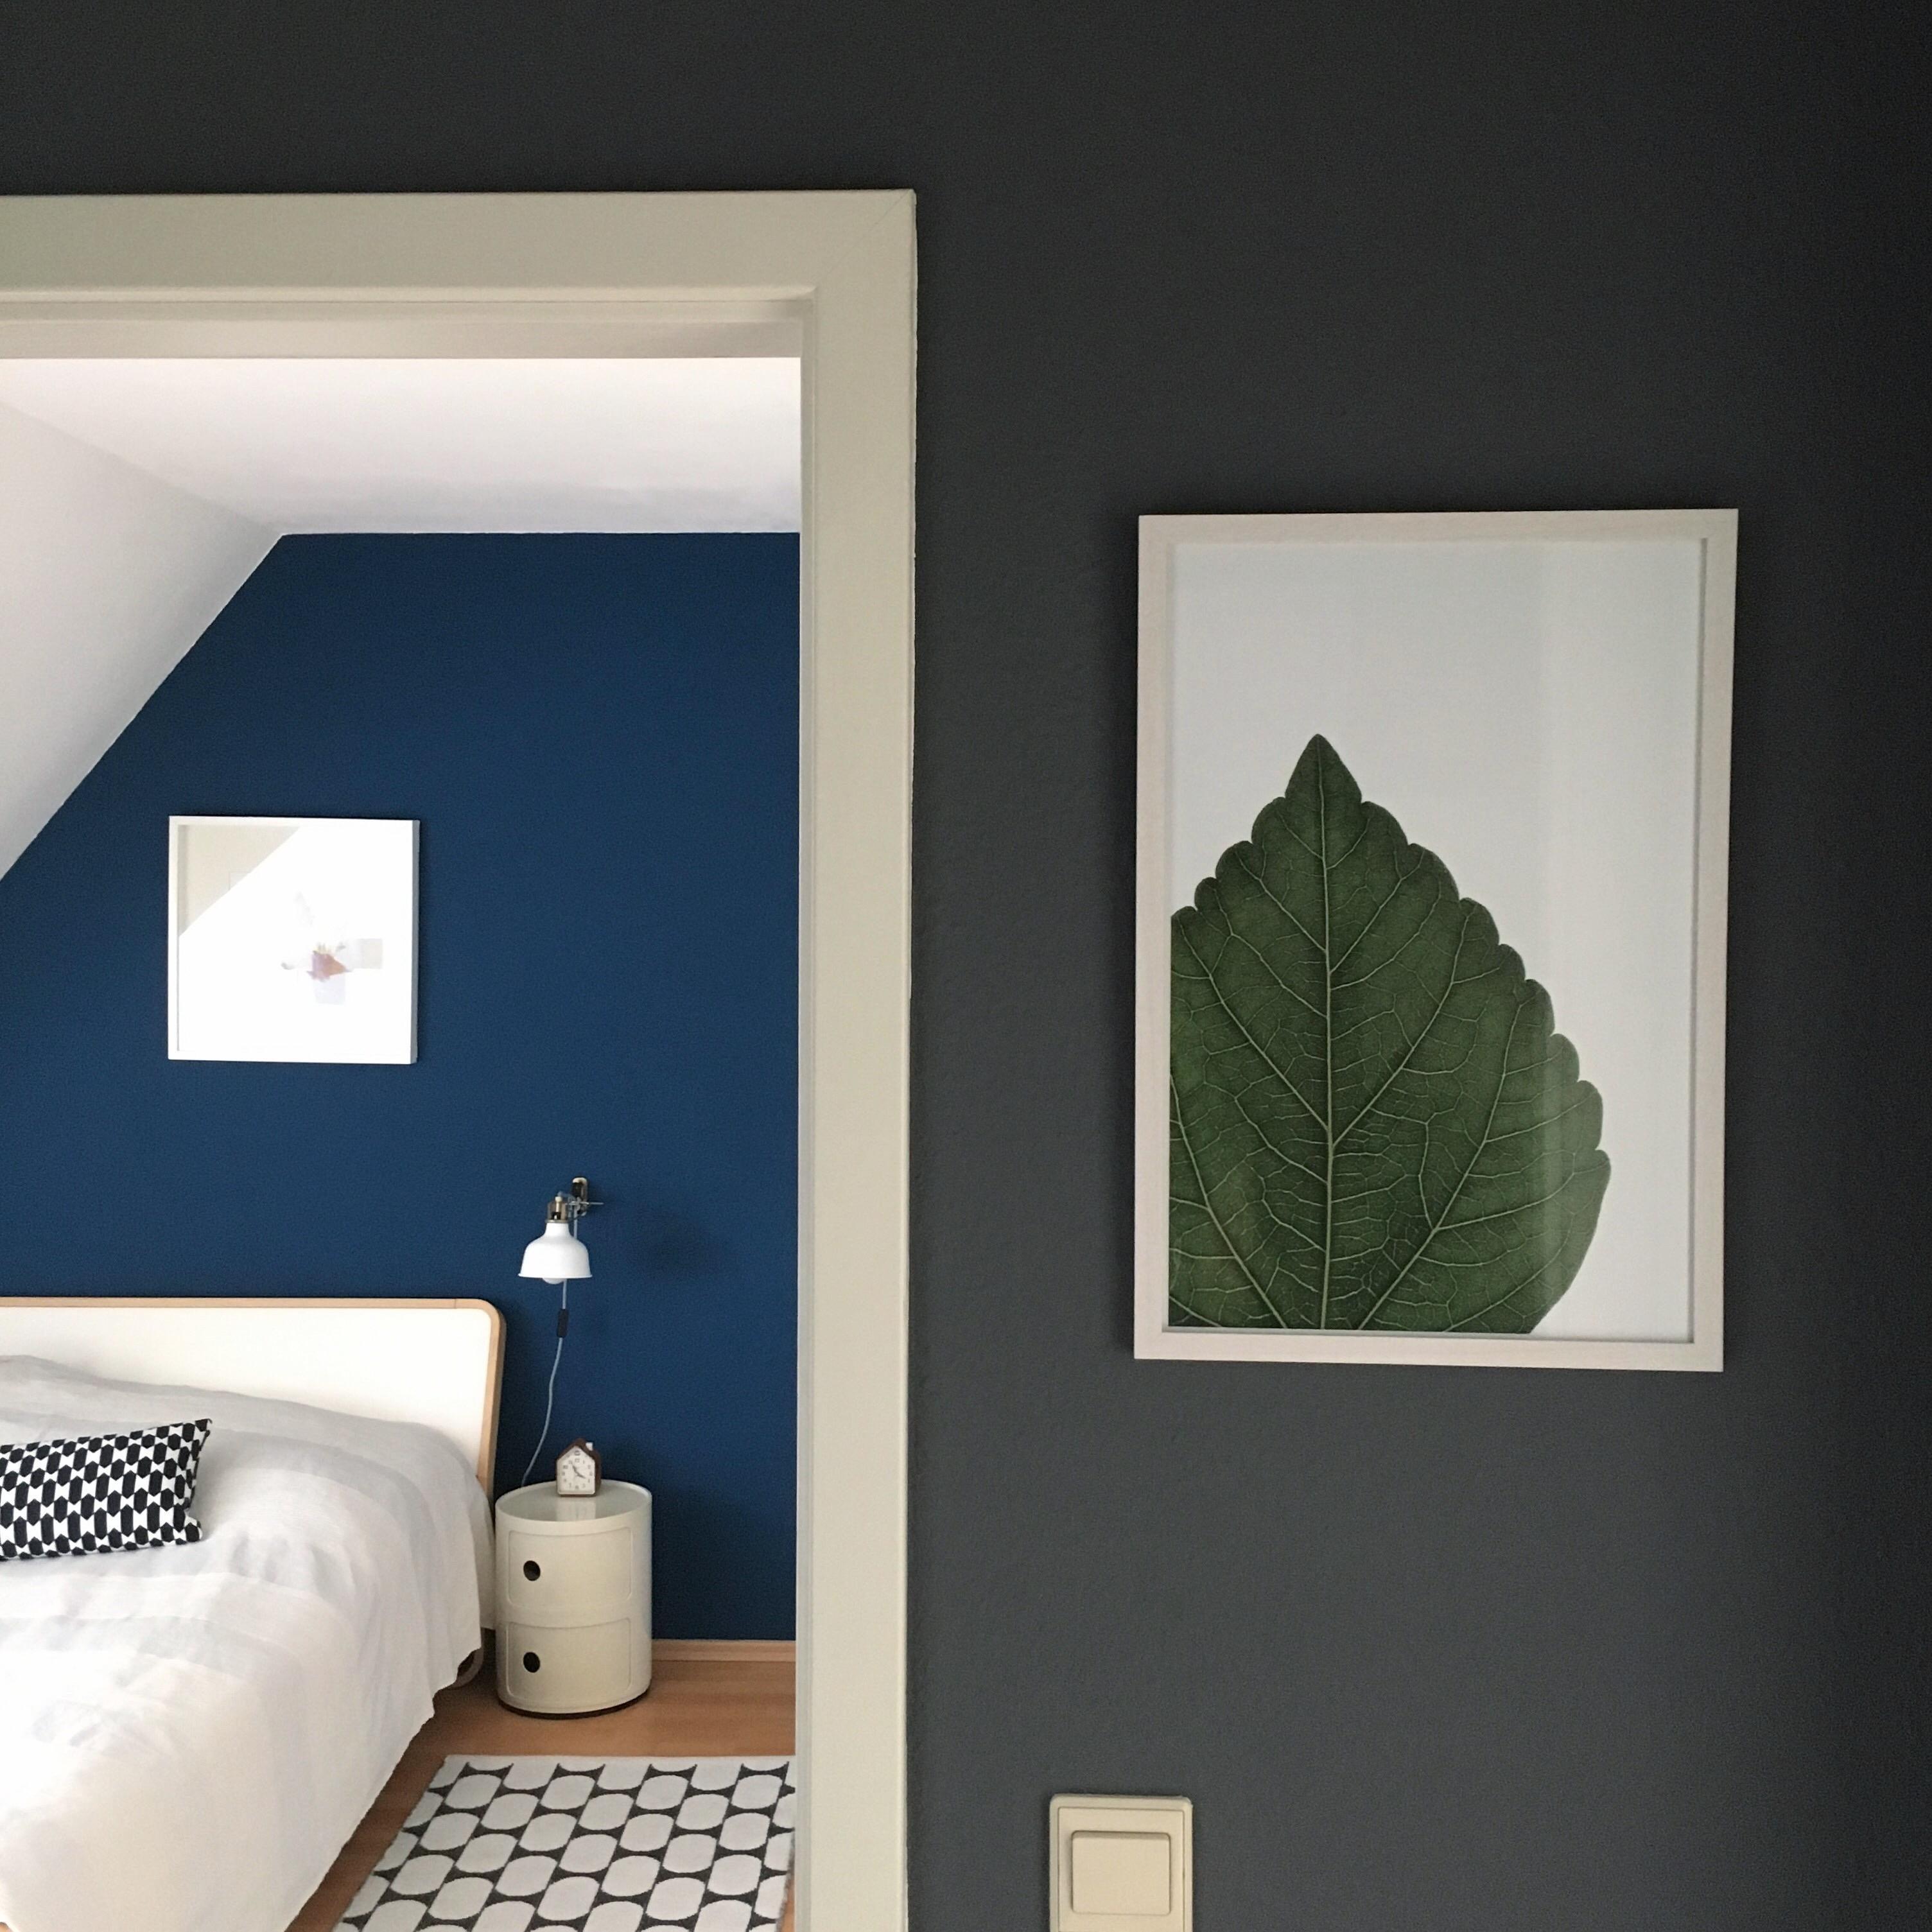 Tapeten Trends 2019 Schlafzimmer. Schlafzimmer Nussbaum